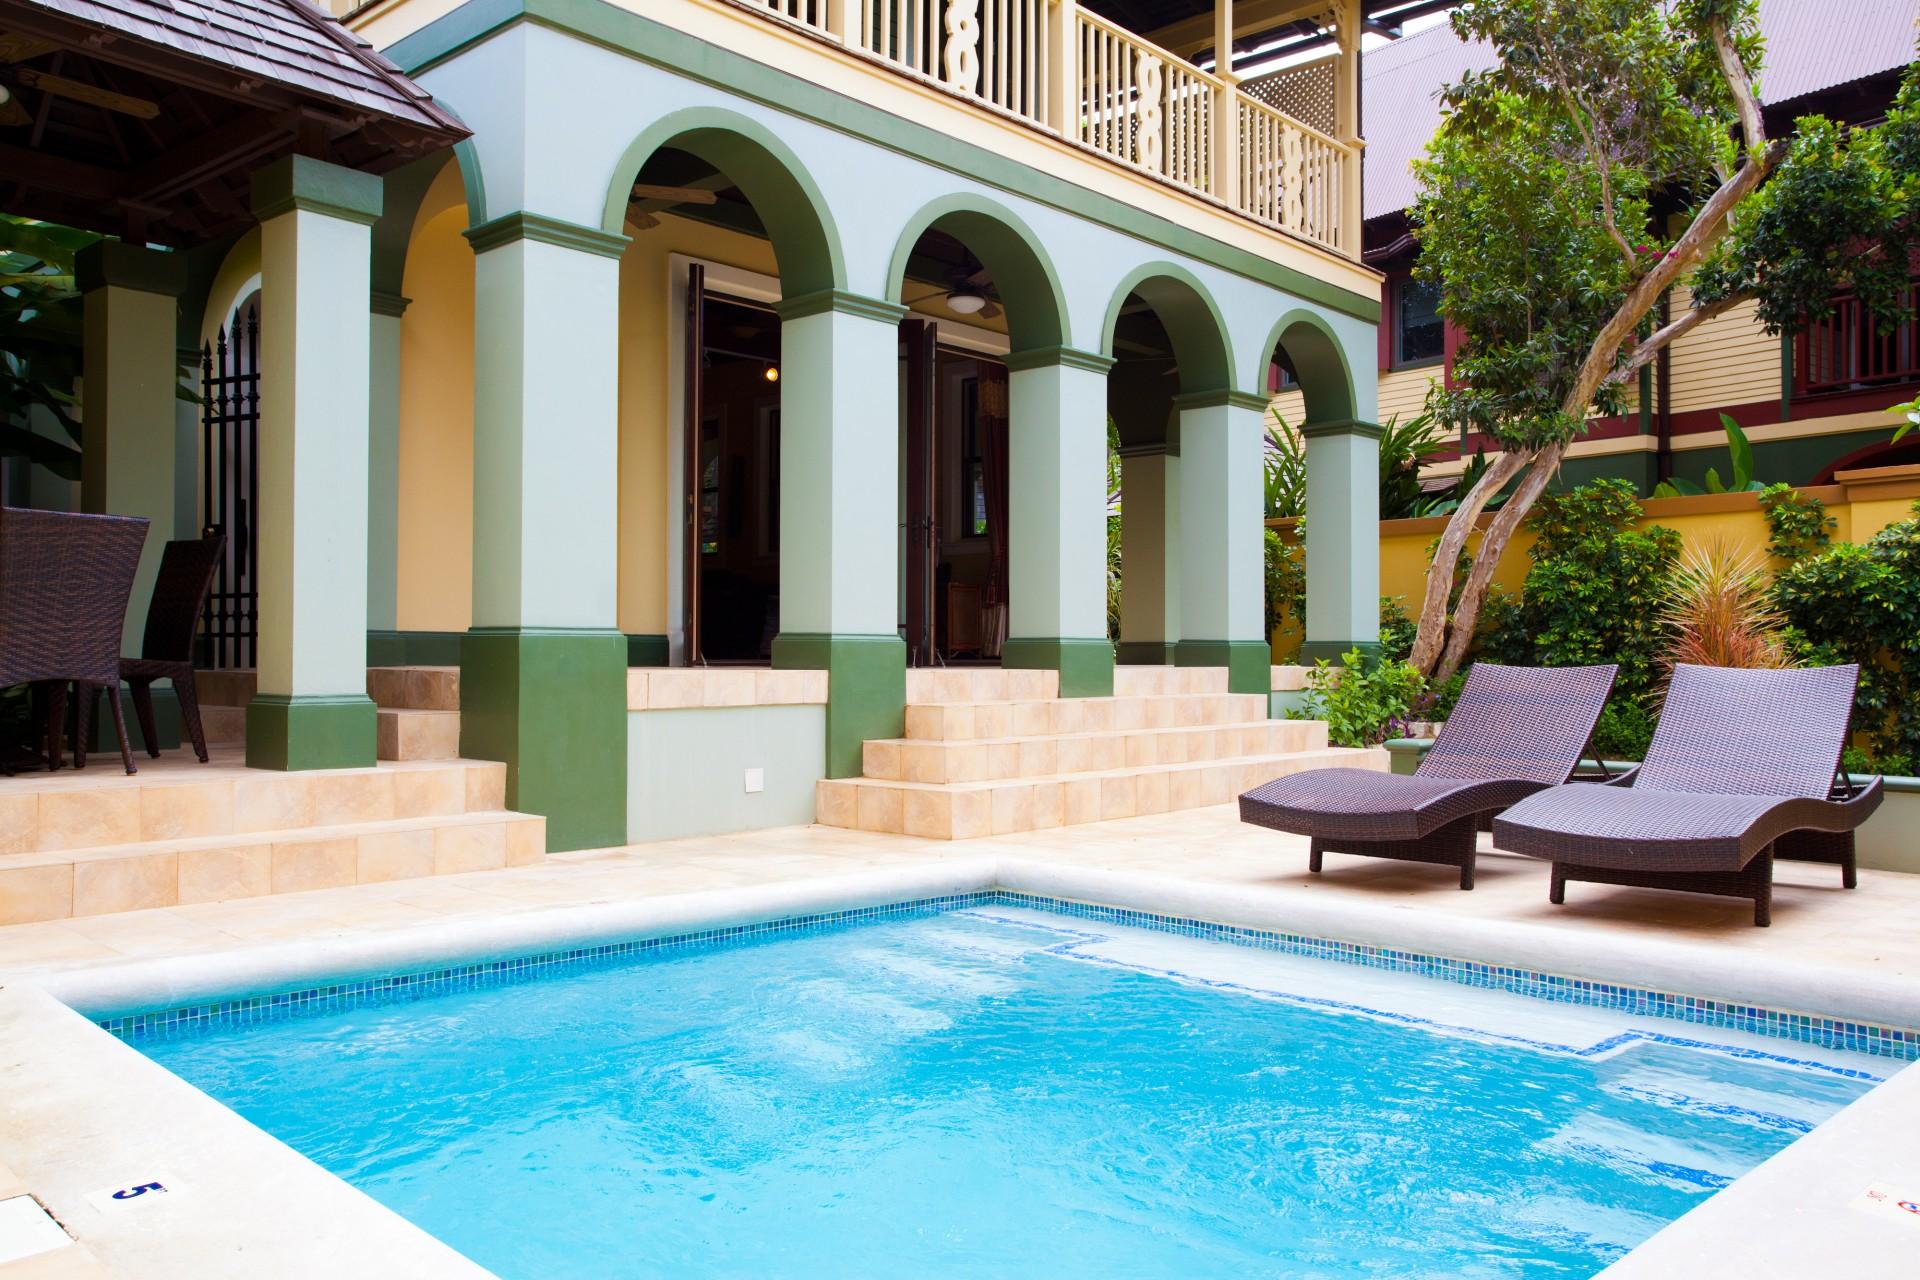 Callaloo dip pool